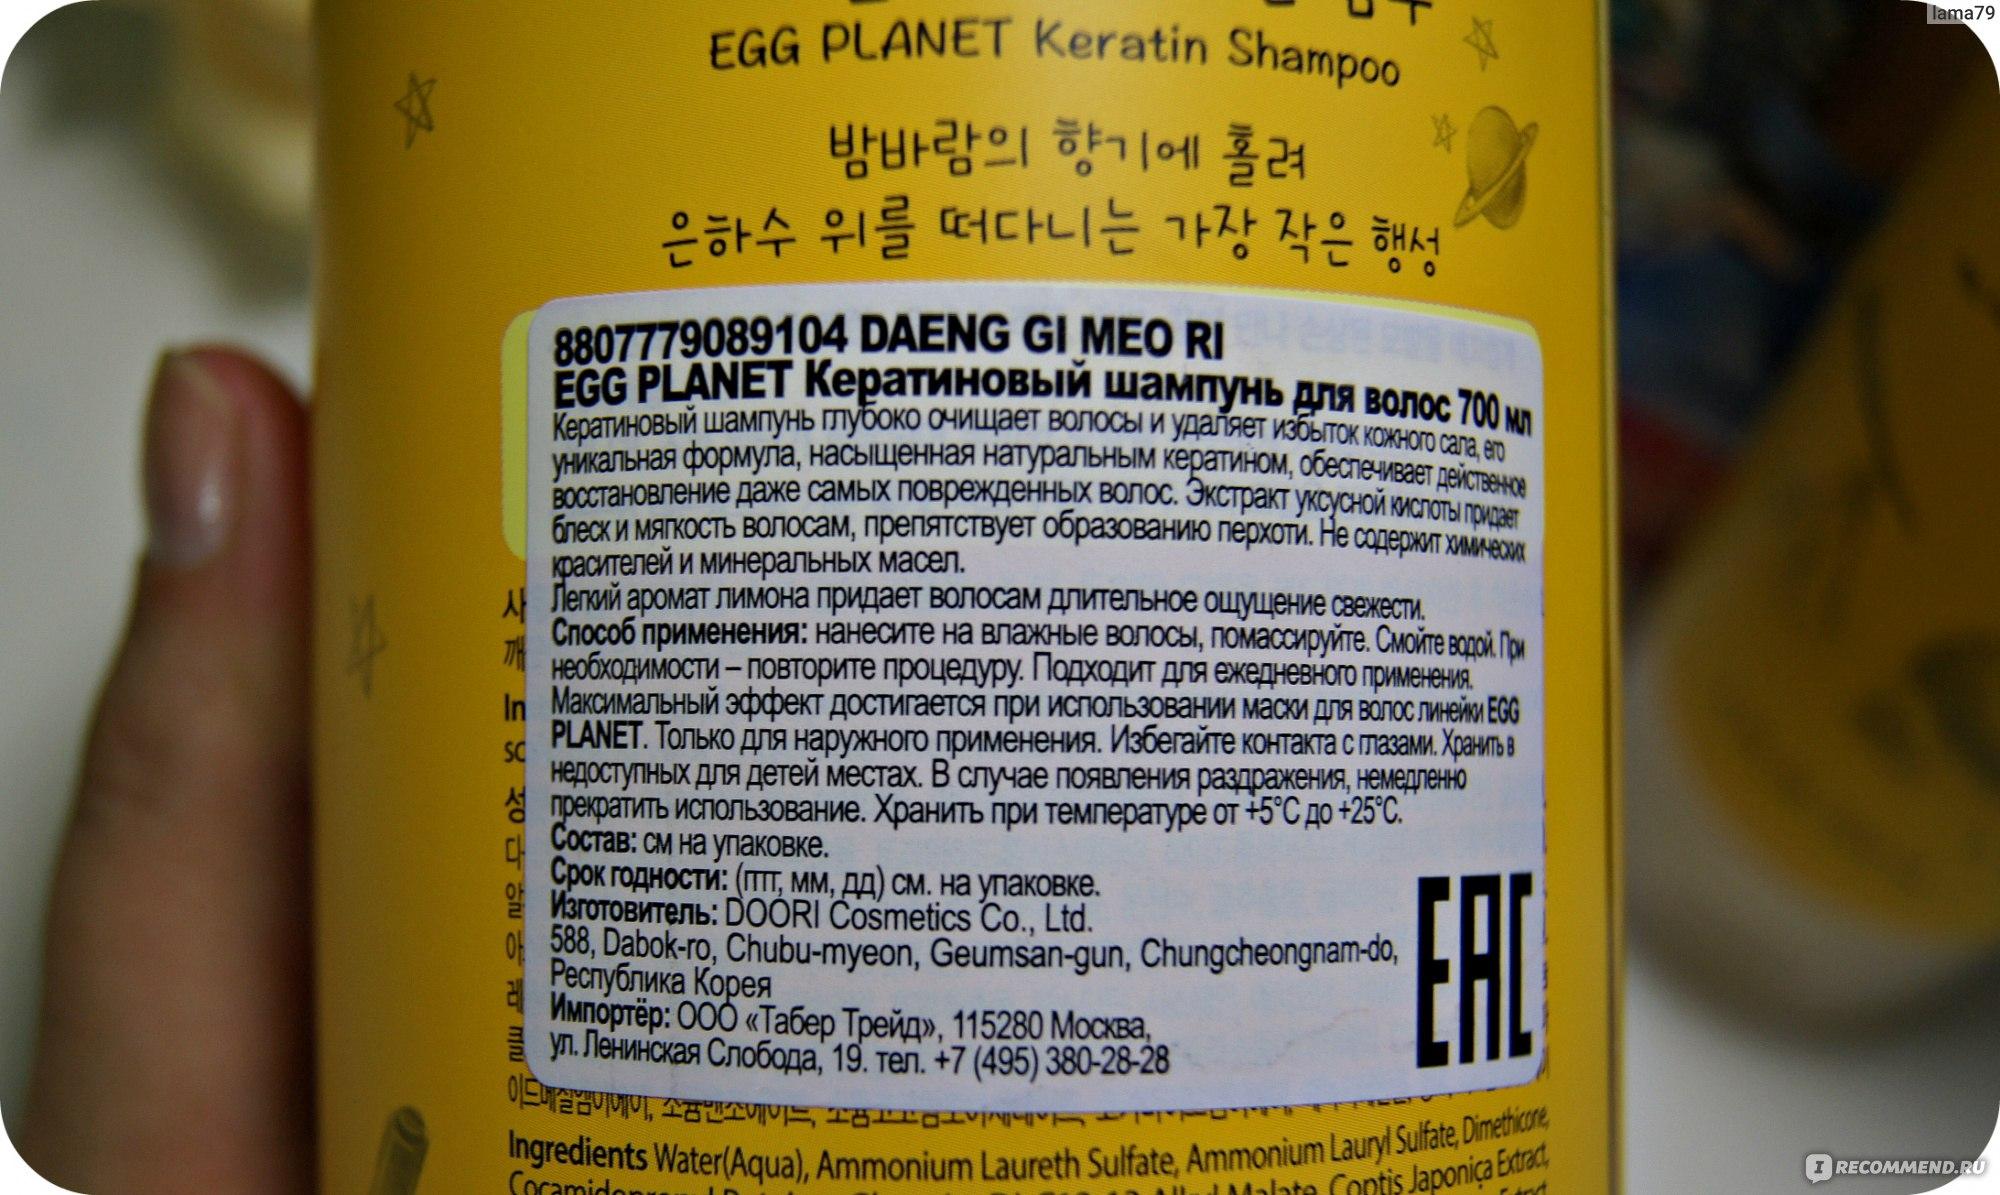 Шампунь для волос egg planet с кератином 700 мл отзывы